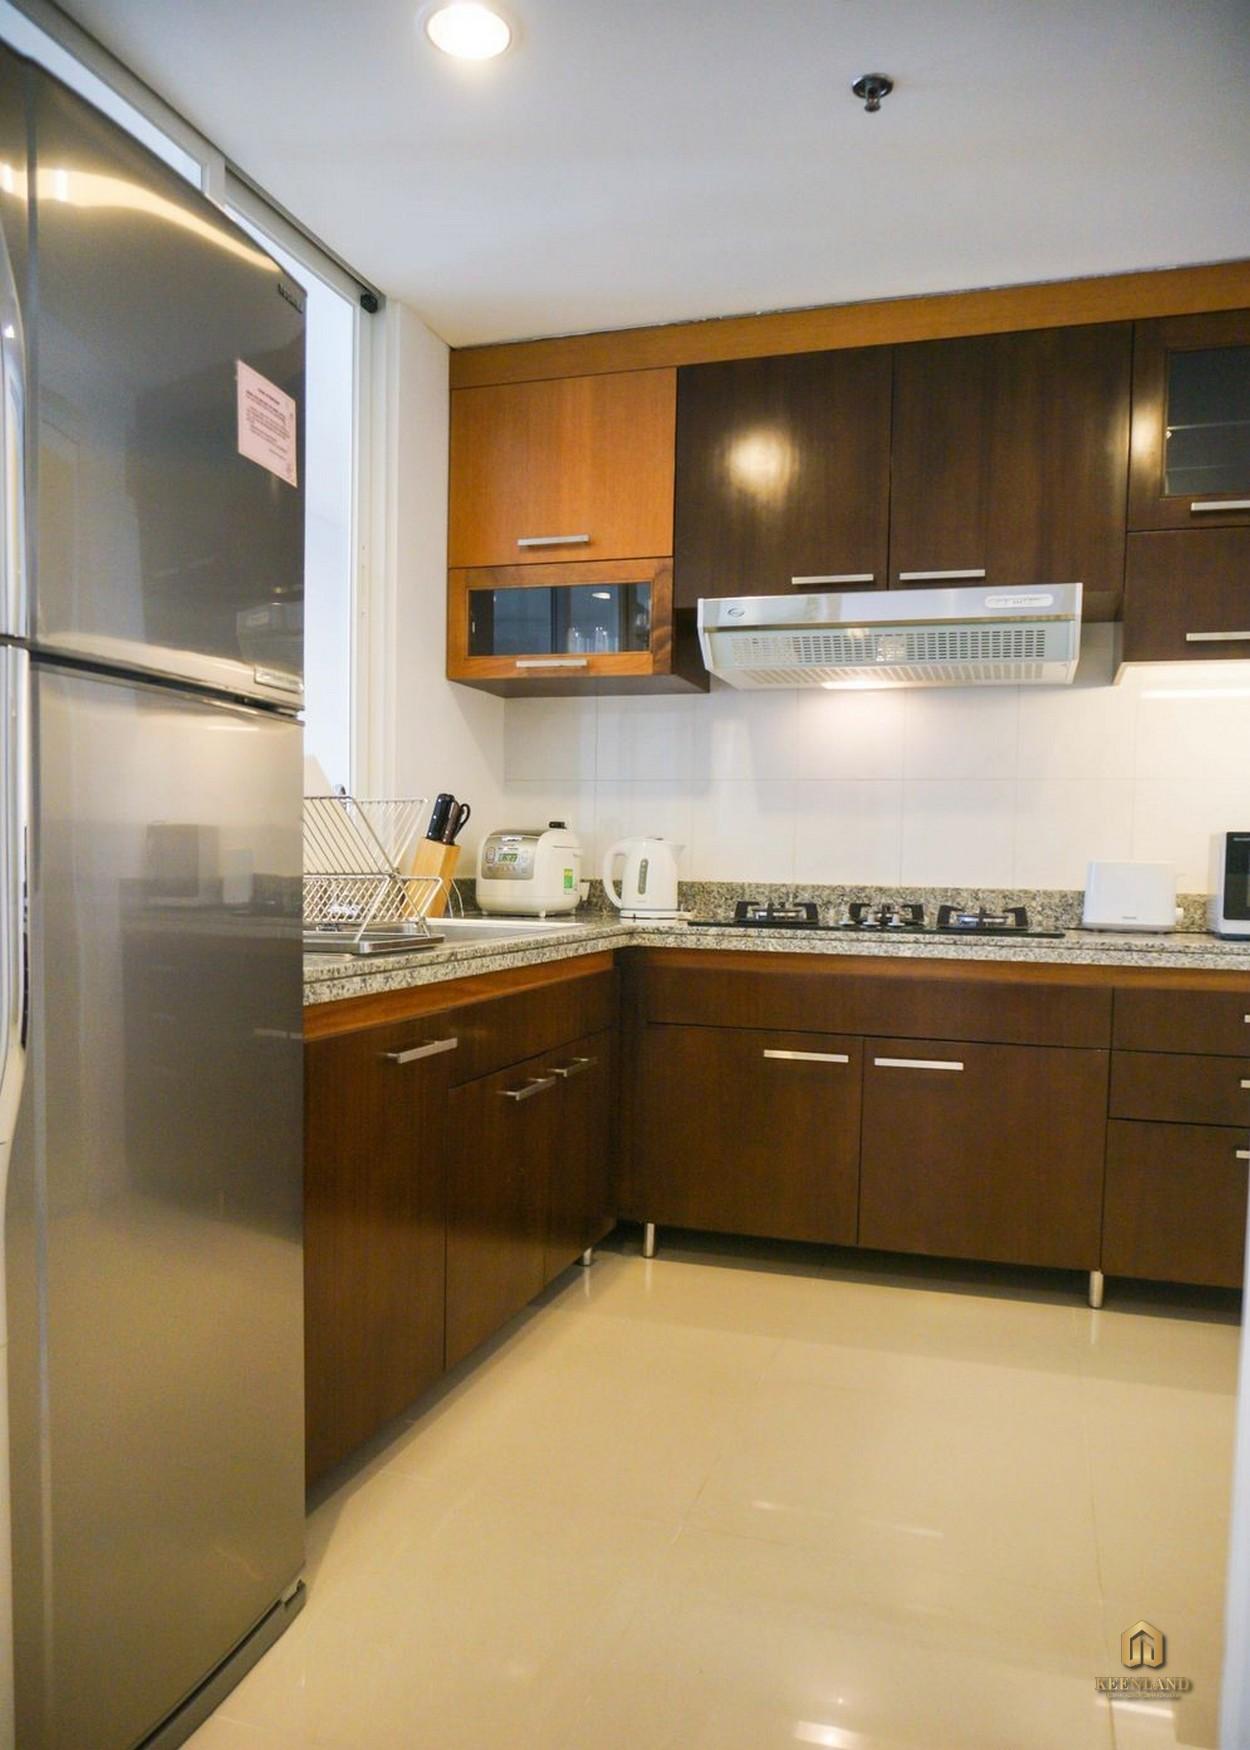 Nhà bếp tại căn hộ An Phú Plaza Quận 3